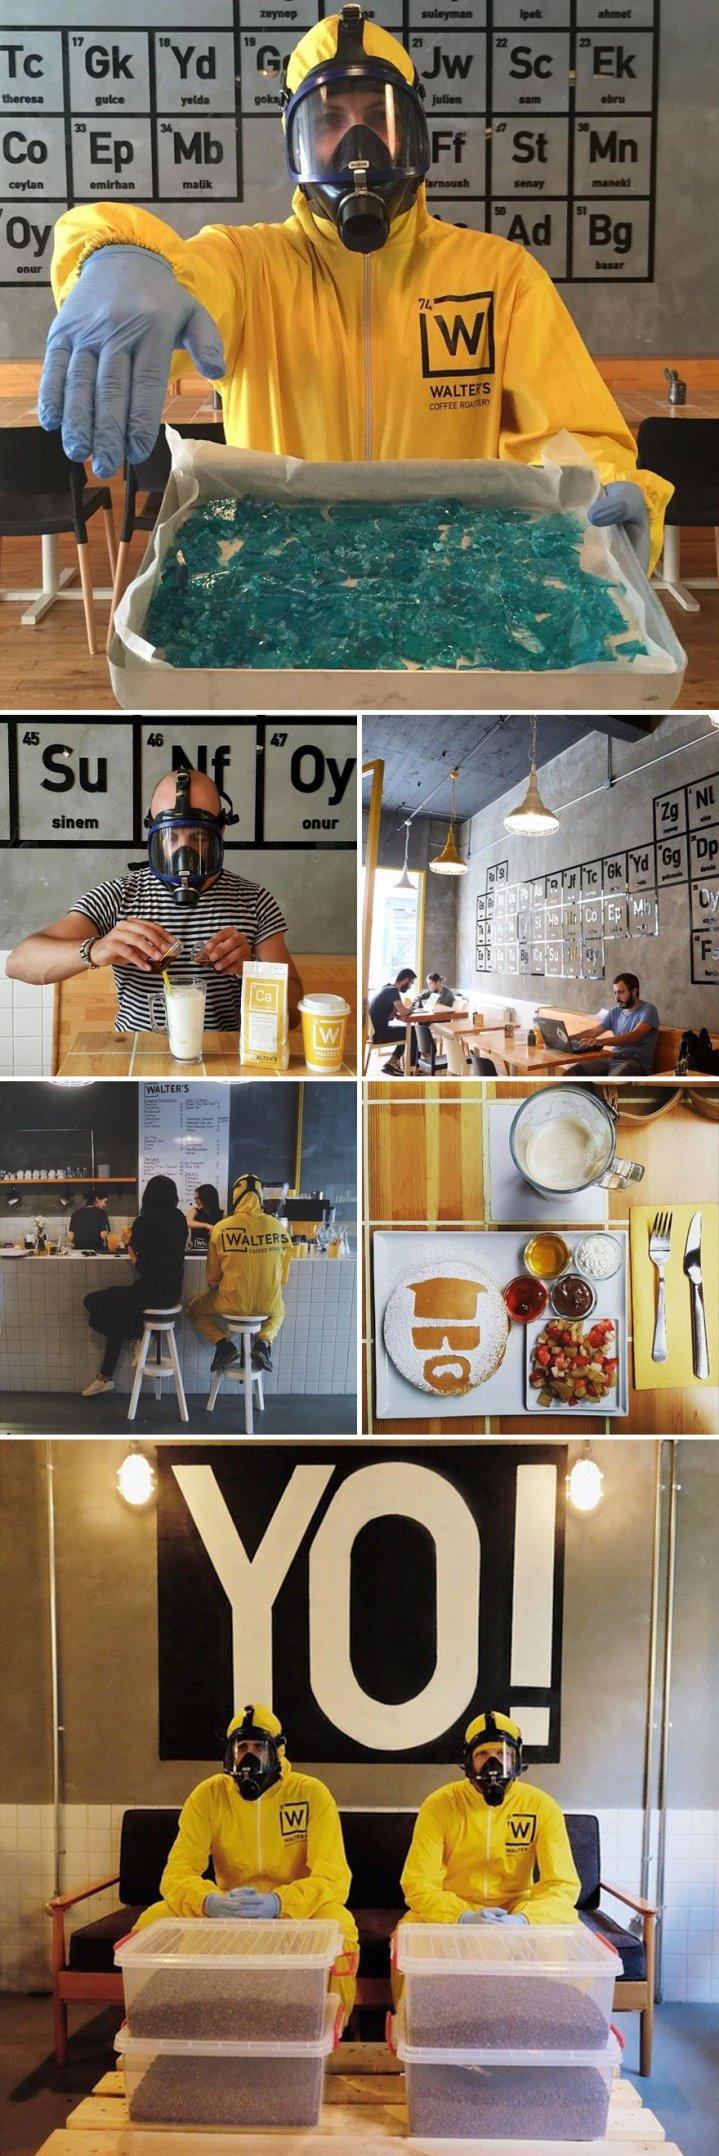 restaurantes-muy-raros-por-el-mundo-14